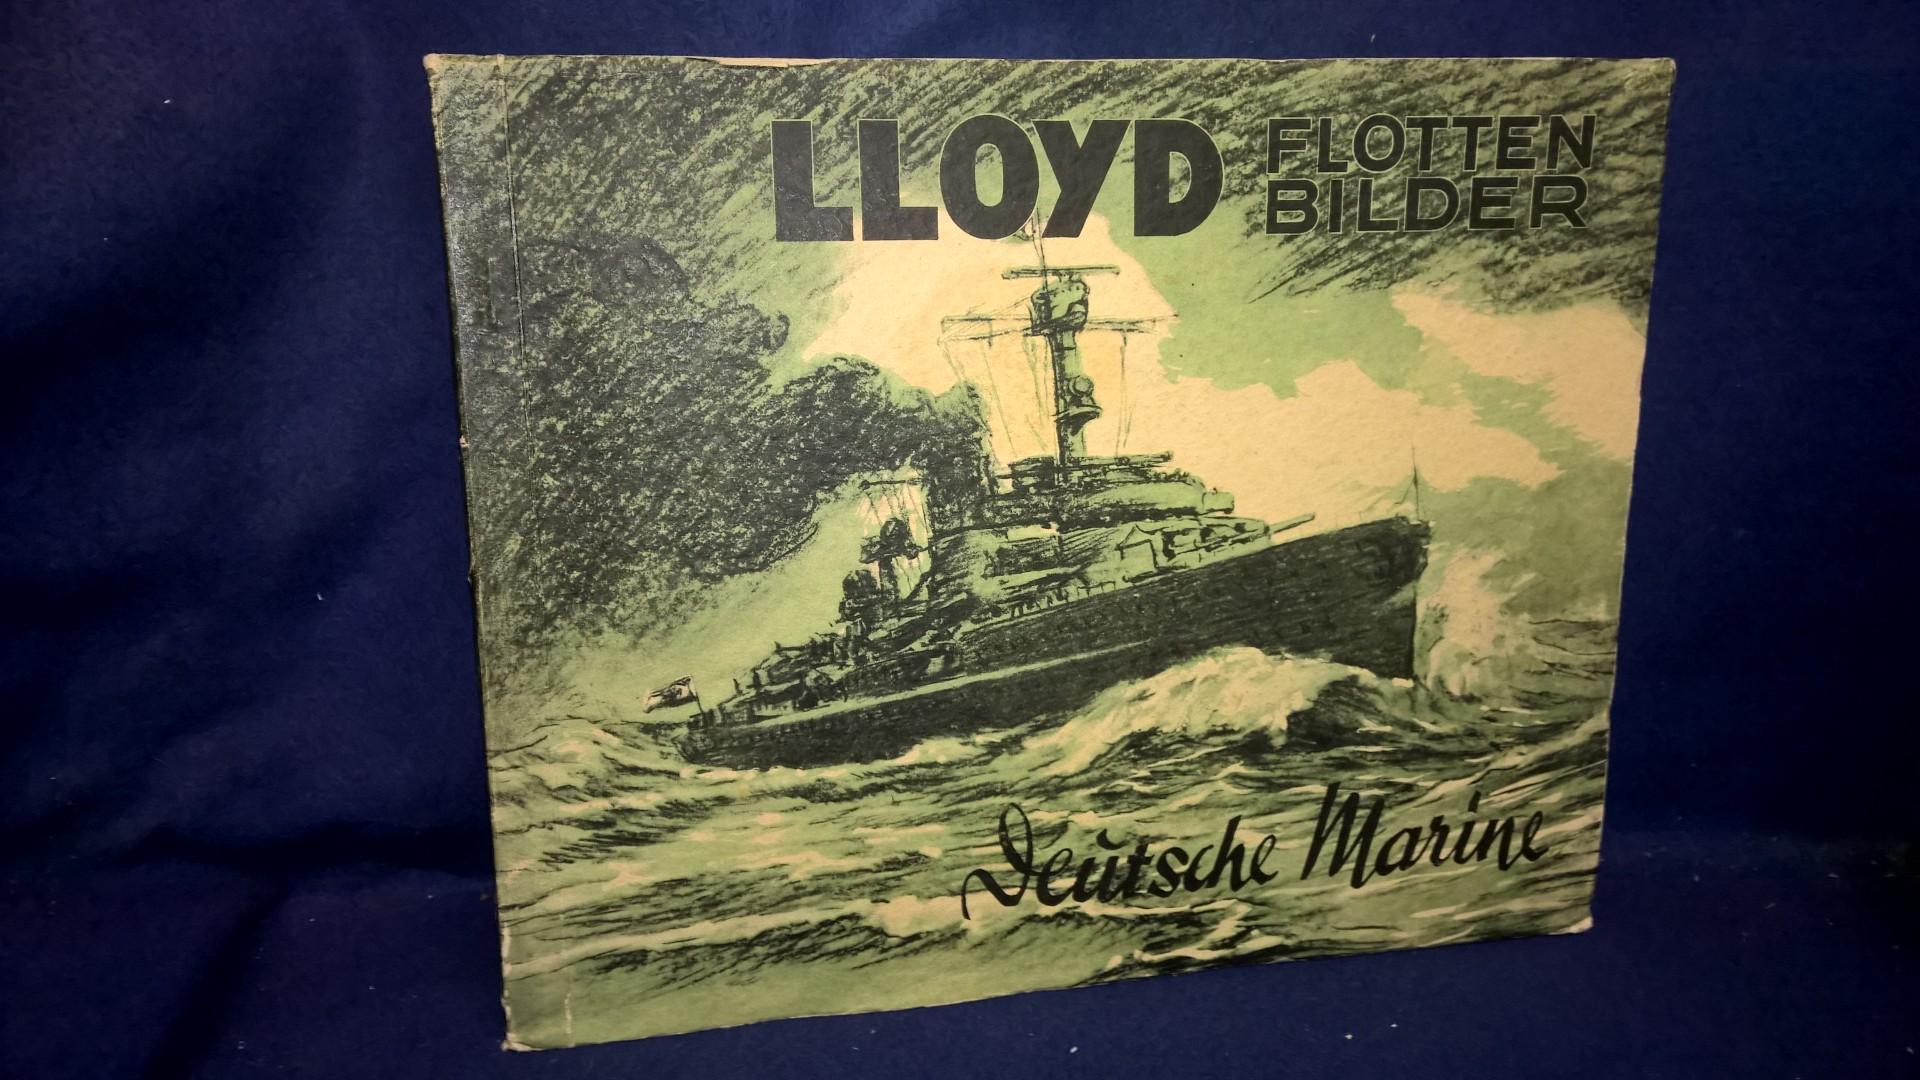 LLoyd Flotten Bilder: Deutsche Marine. Sammelbilderalbum mit den kompletten Farbsammerbilder, sauber eingeklebt.